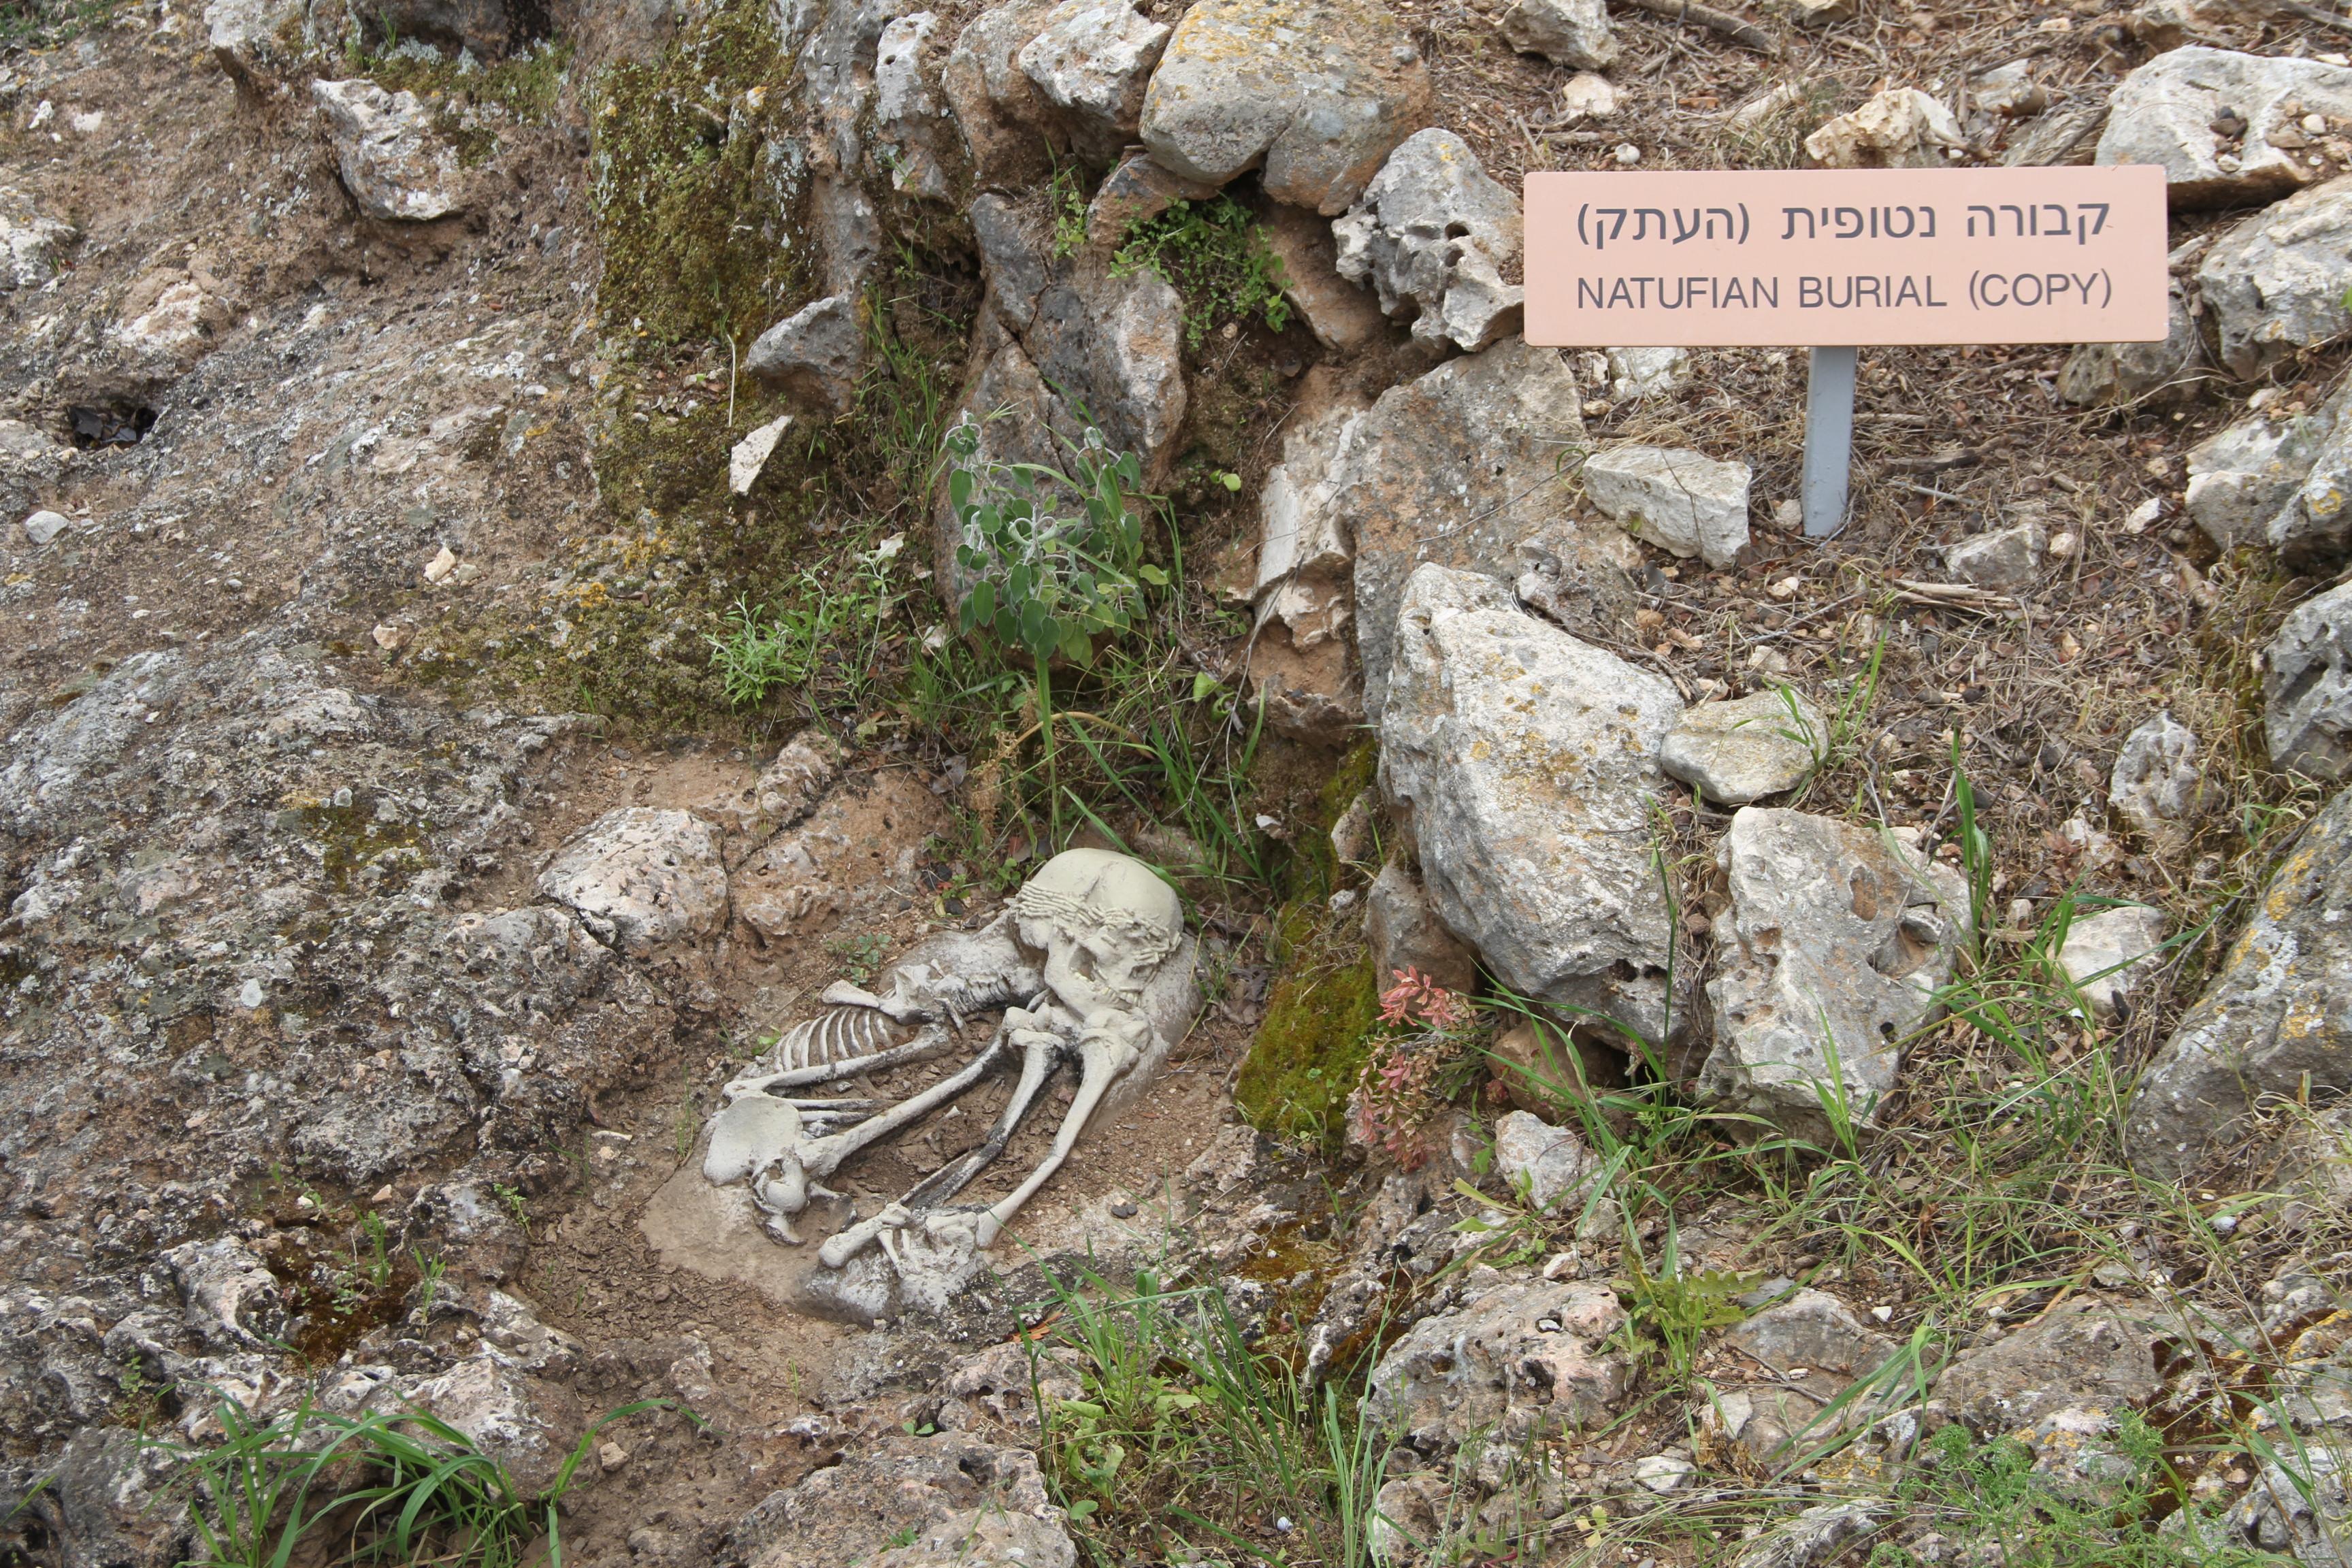 Реконструкция погребения натуфийской культуры рядом спещерой аль-Вад